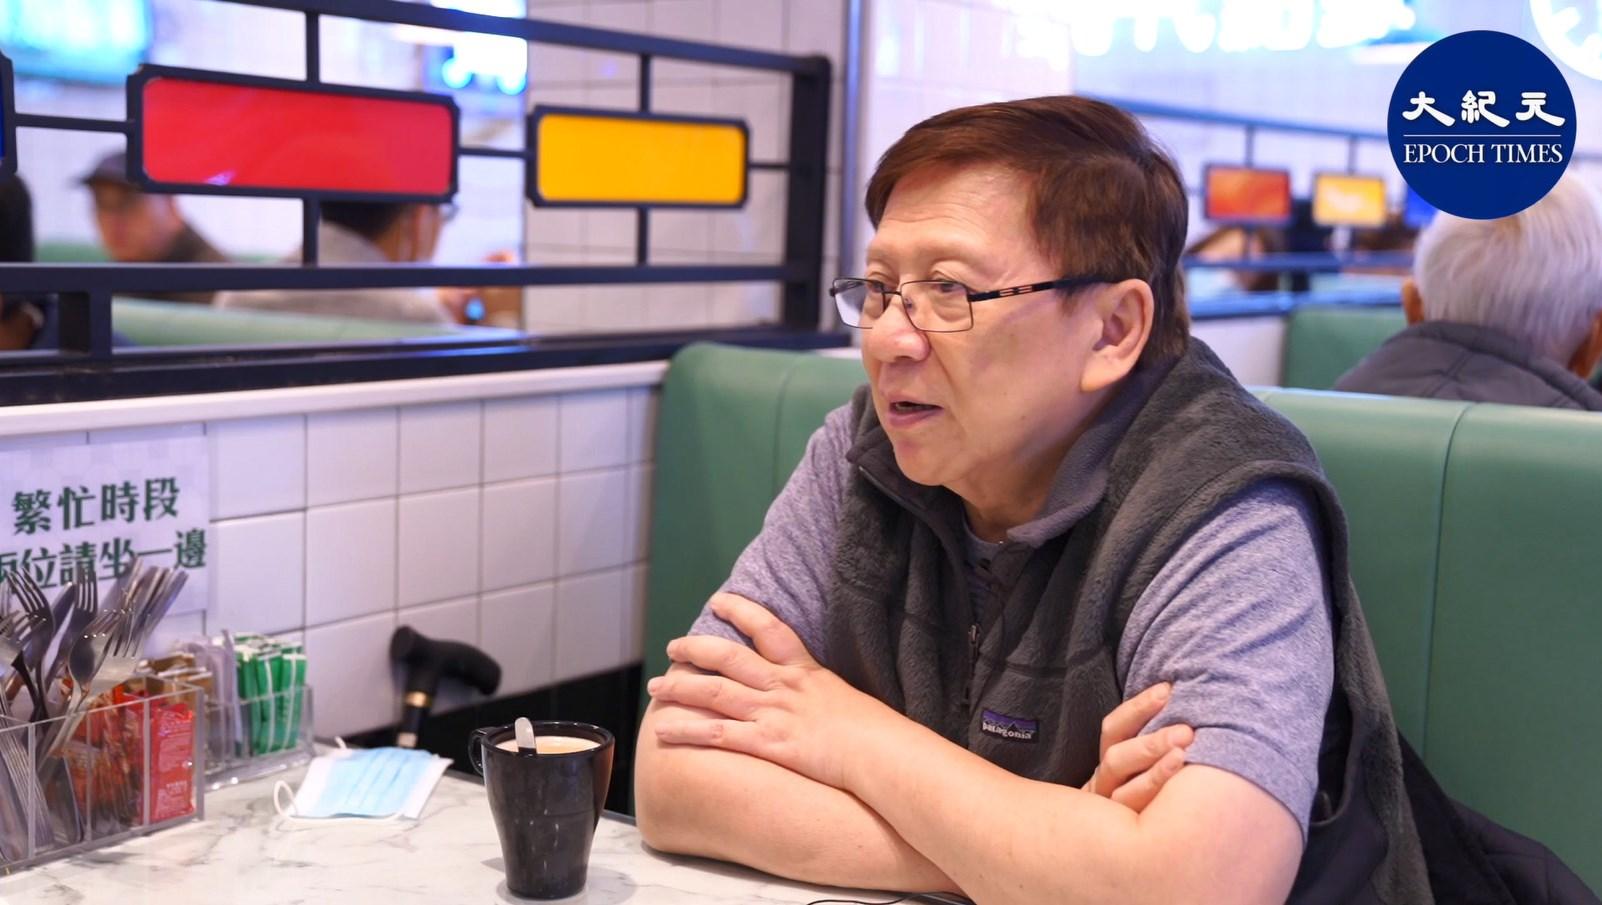 著名時事評論員蕭若元指,今次武漢肺炎疫情嚴重程度,堪比史上最大核爆切爾諾貝爾事故,或導致全國逾百萬人死亡。